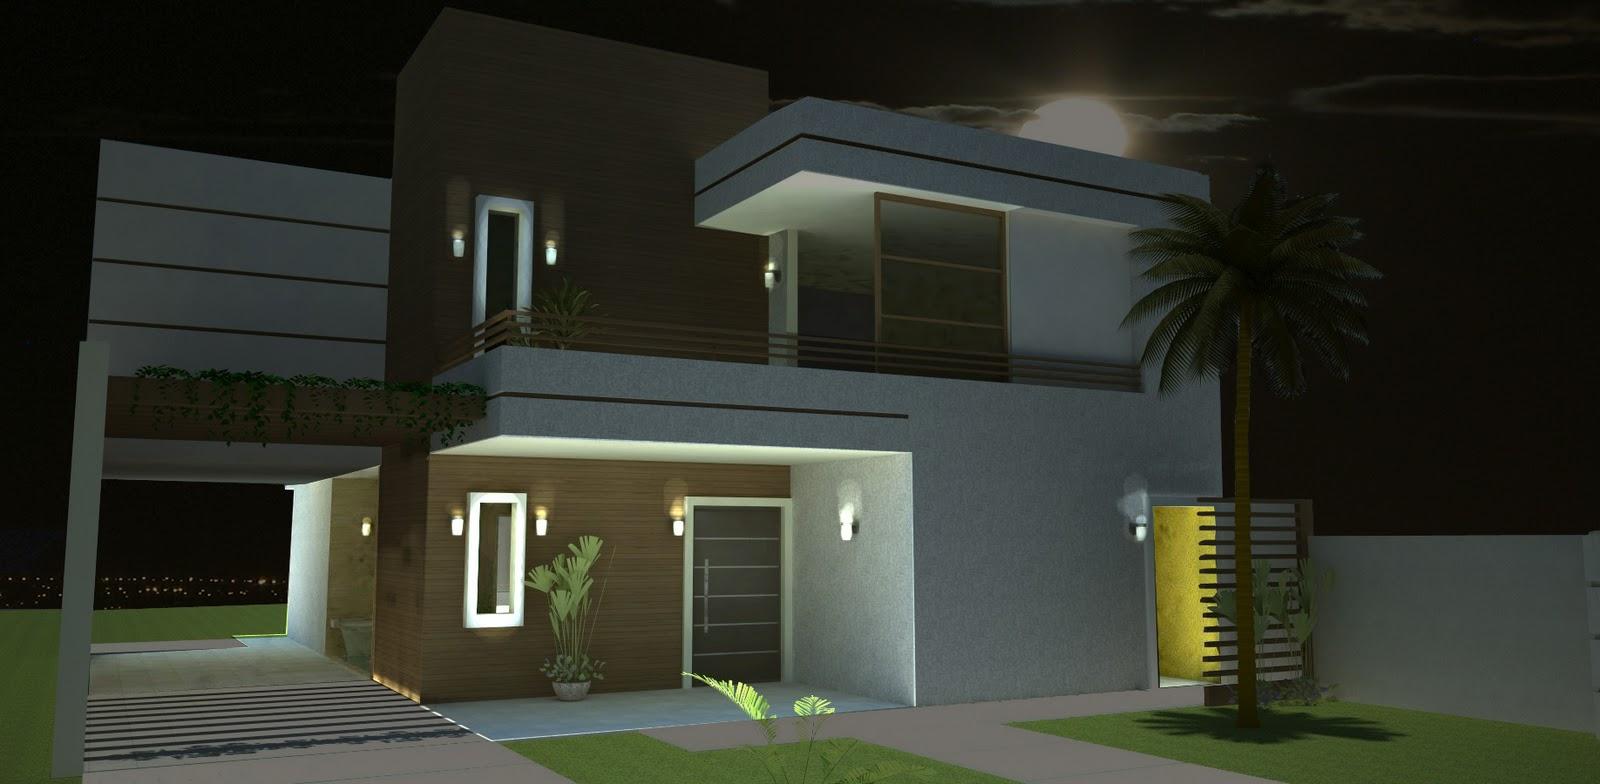 Fotos de patios casas modernas presupuesto e imagenes for Imagenes de casas